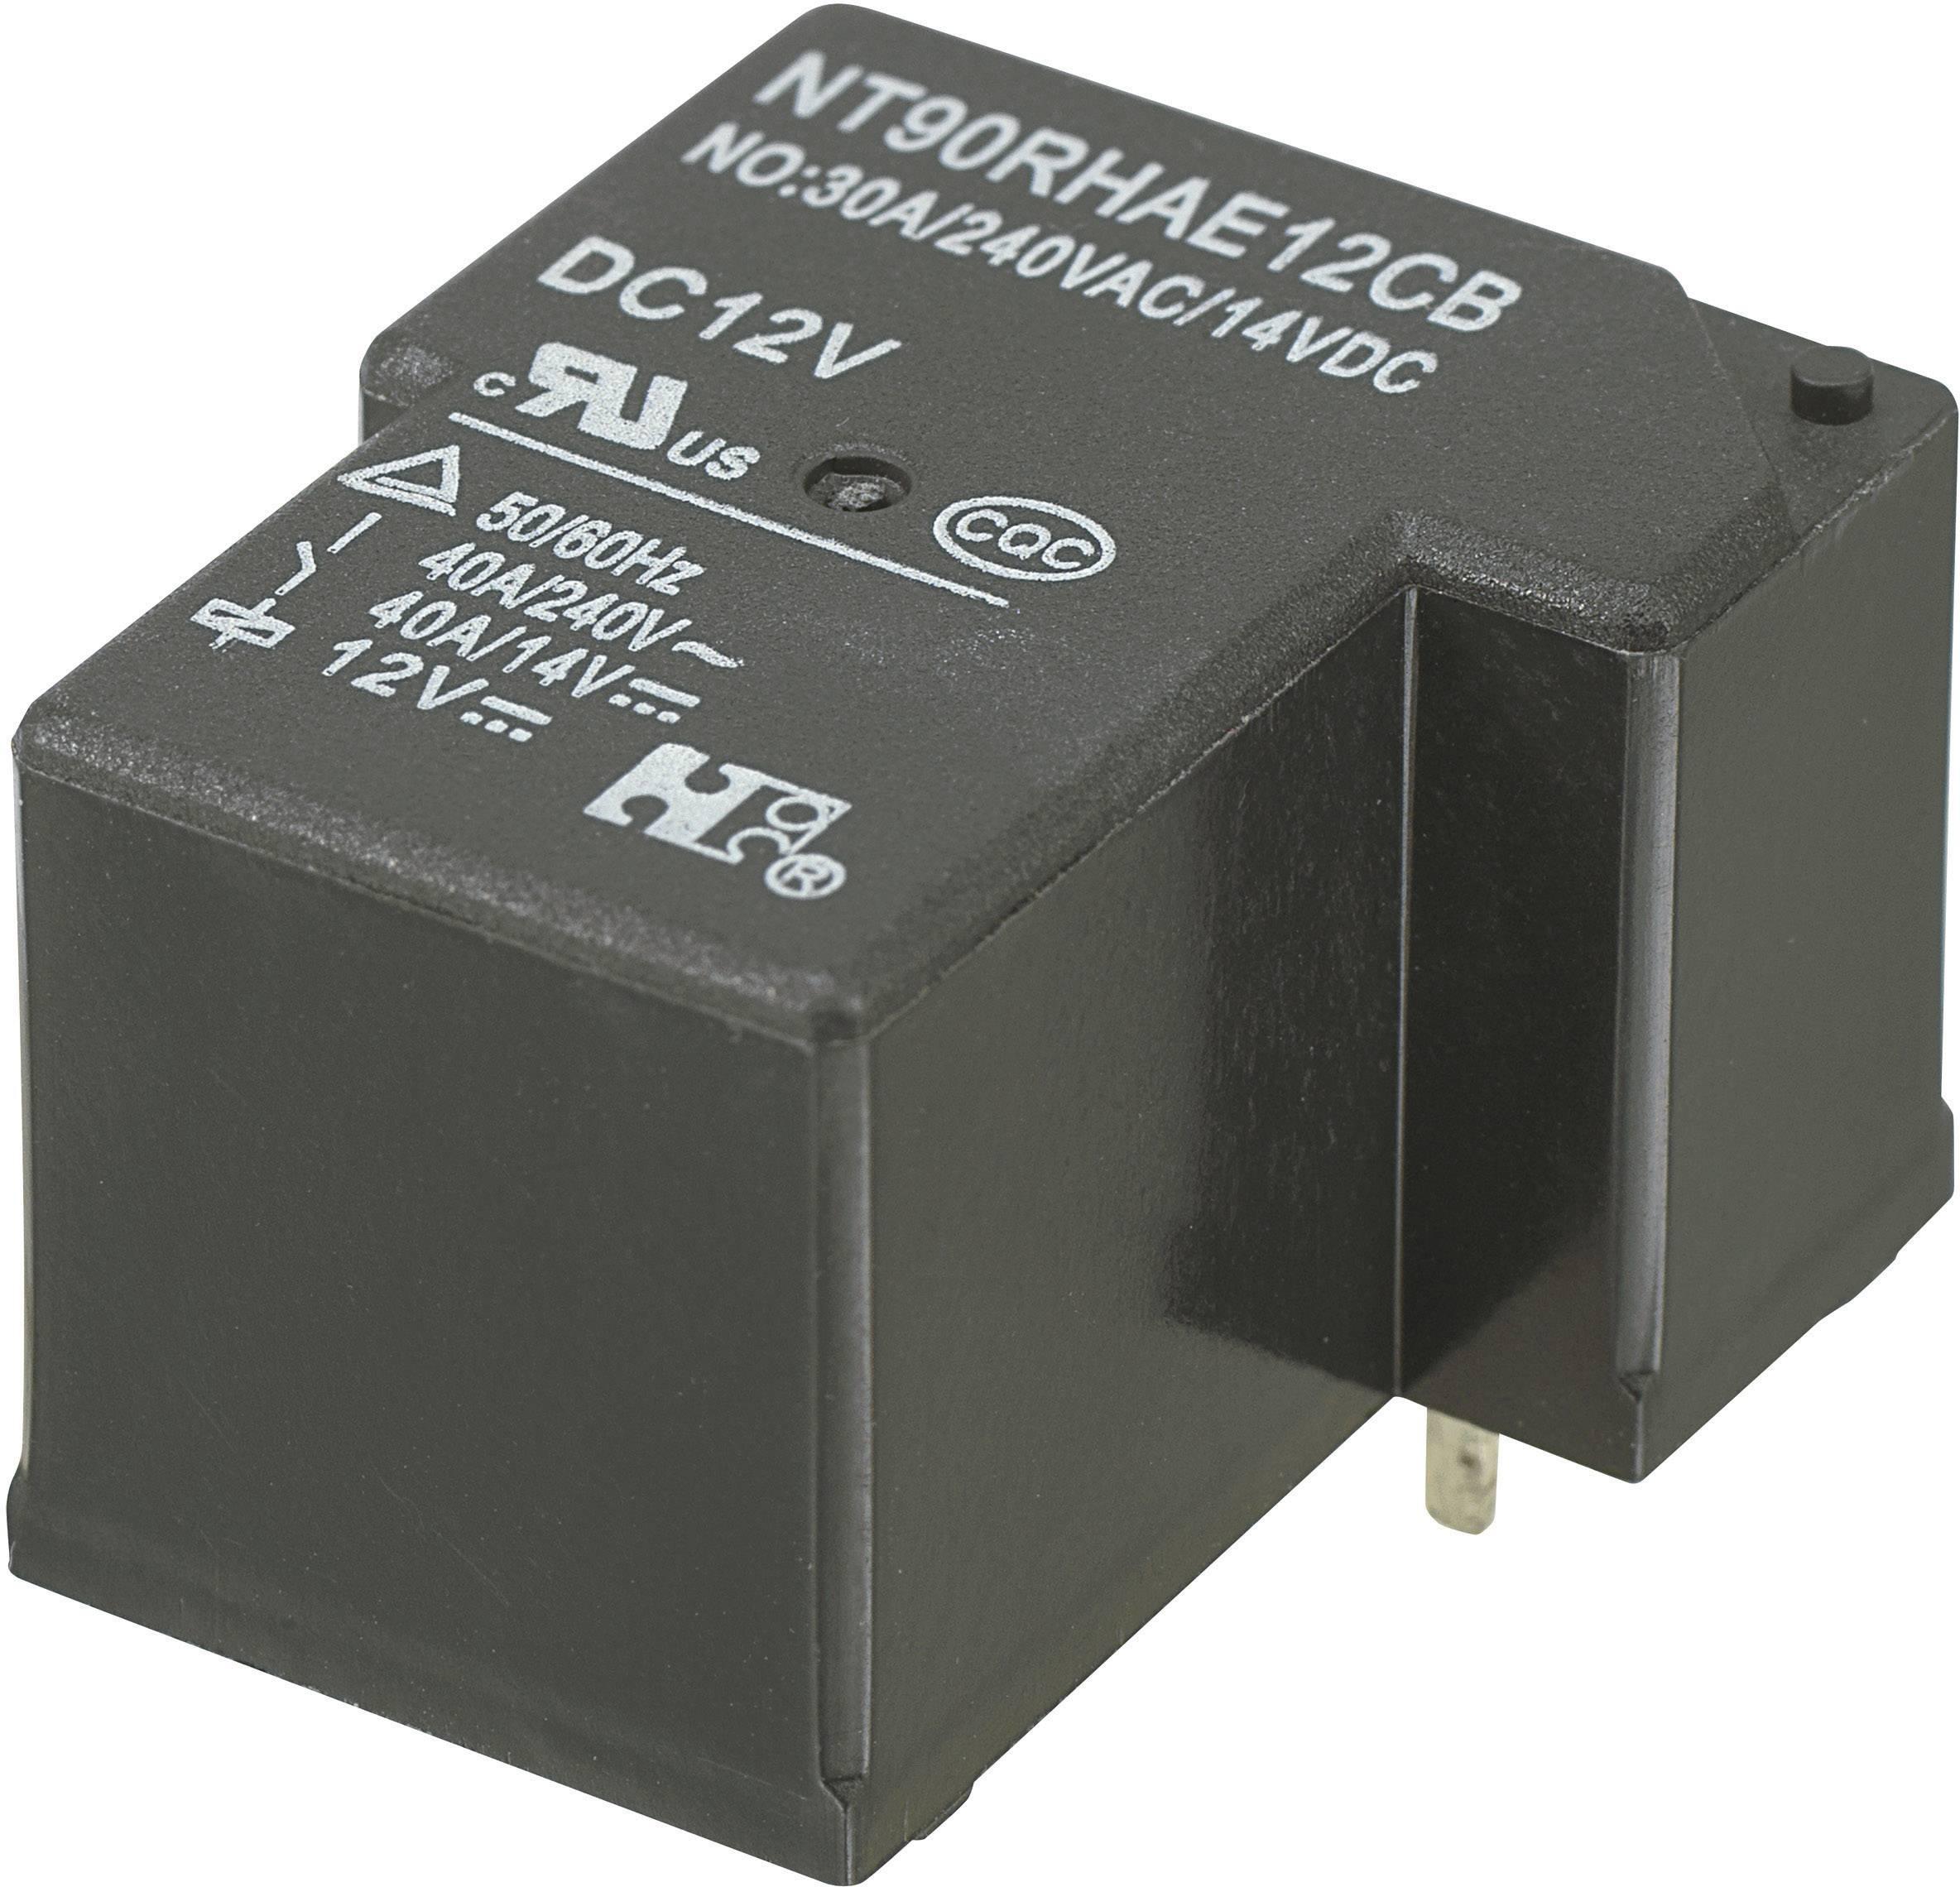 Zátěžové relé NT90RHAE12CB, NT90RHAE12CB, 30 A, 30 A , 110 V/DC/300 V/AC NO 30 A/240 V/AC, 14 V/DC, NC 20 A/240 V/AC, 30 A/14 V/DC